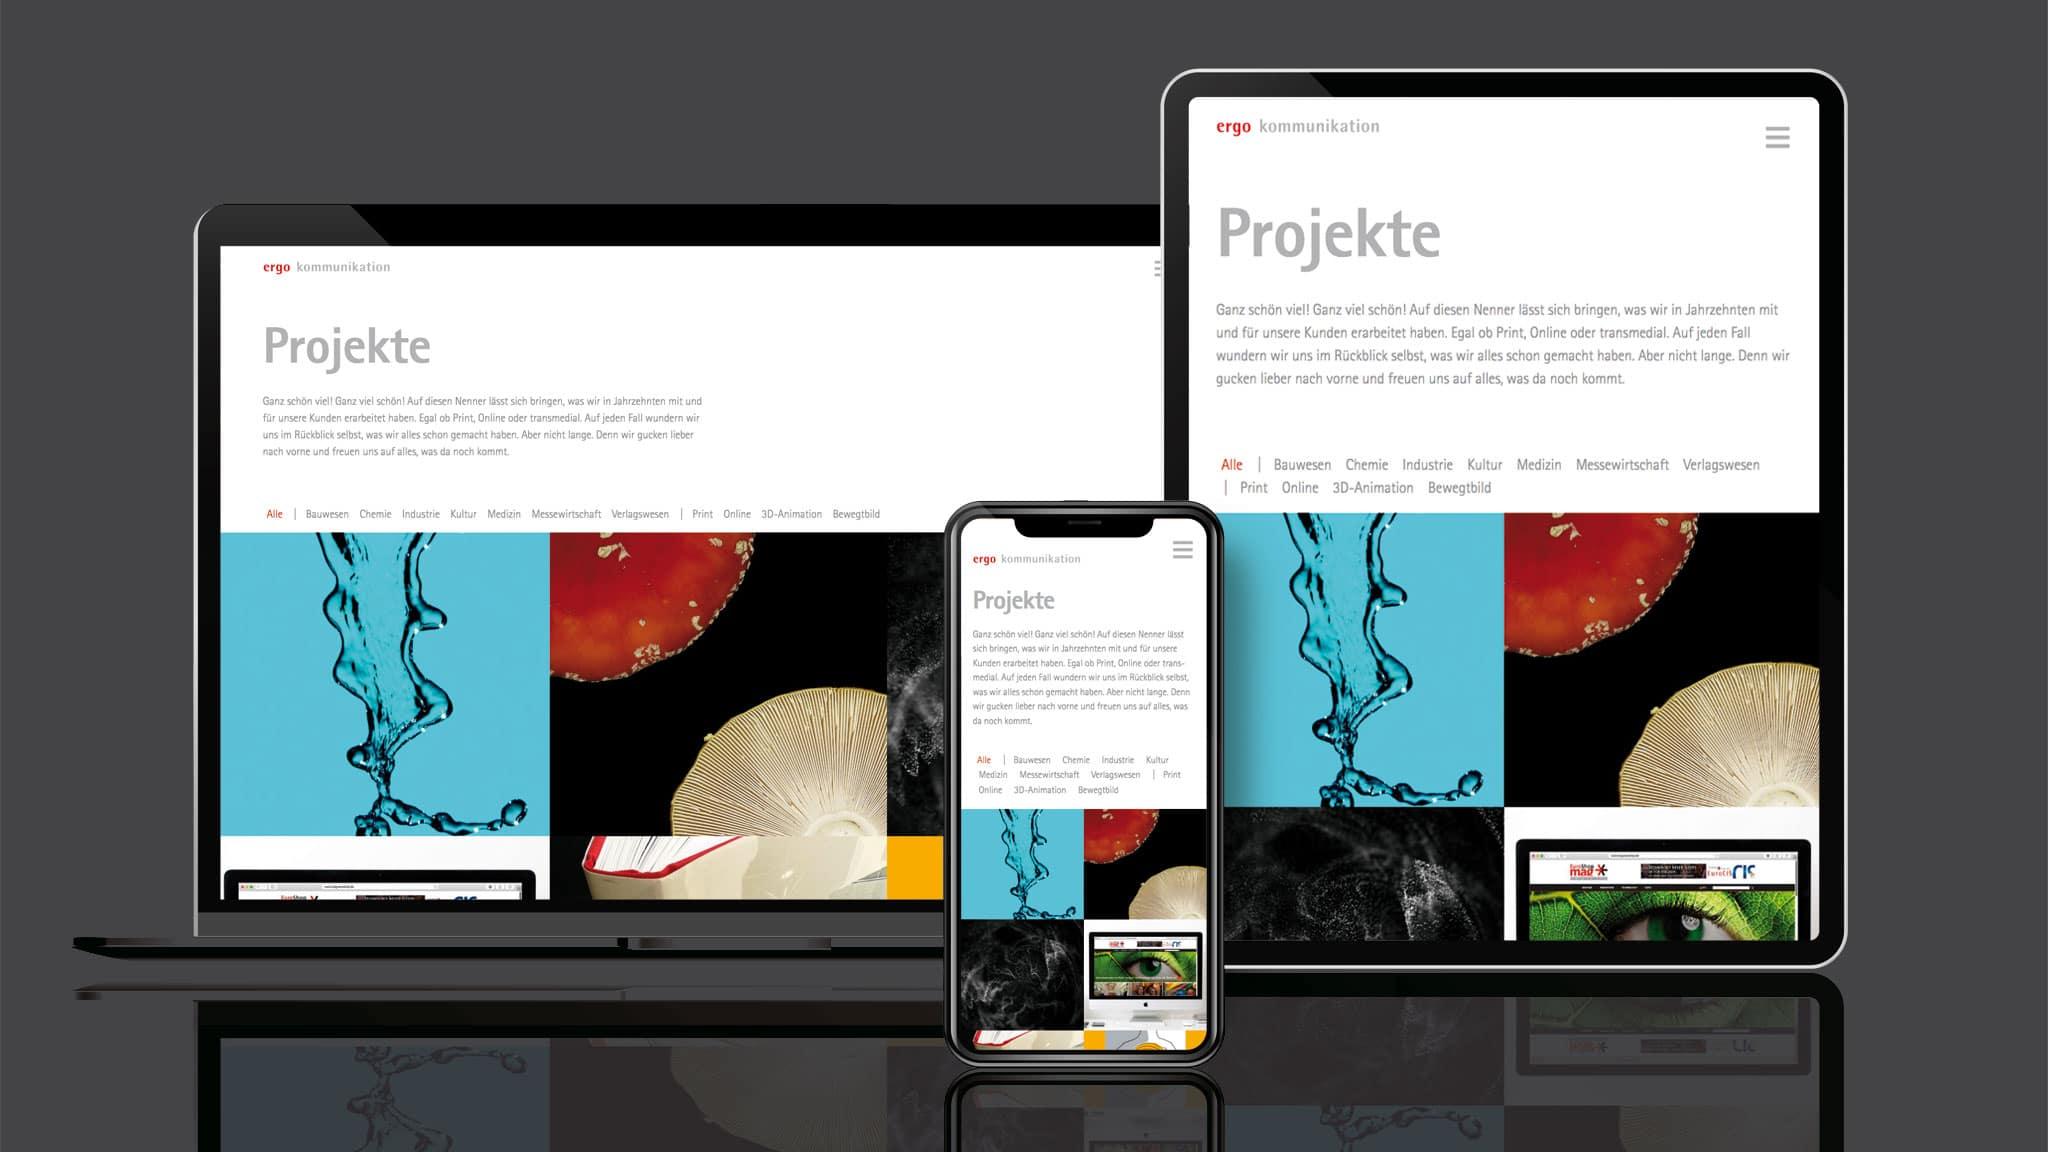 ergo_kommunikation_webdesign-erstellen